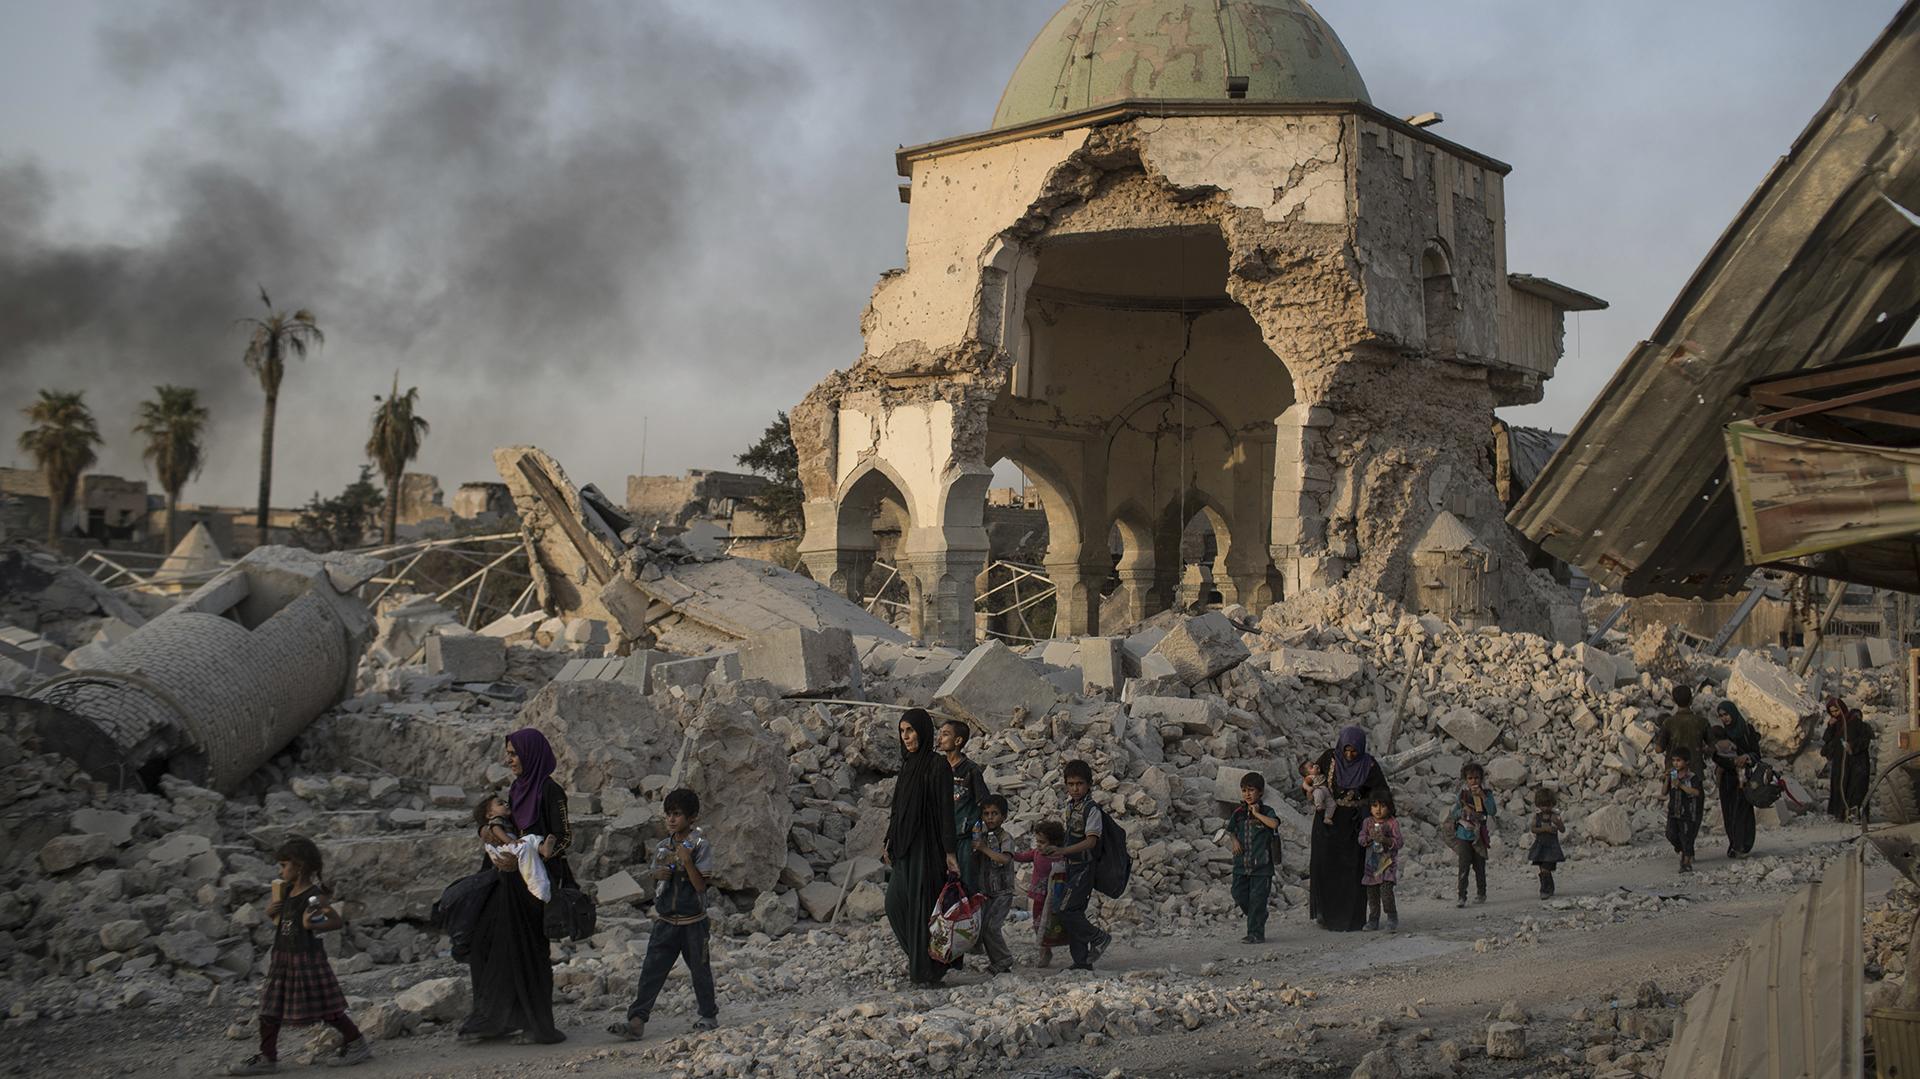 Irak estima que necesitará 88.200 millones de dólares y tres años para la reconstrucción (AP)